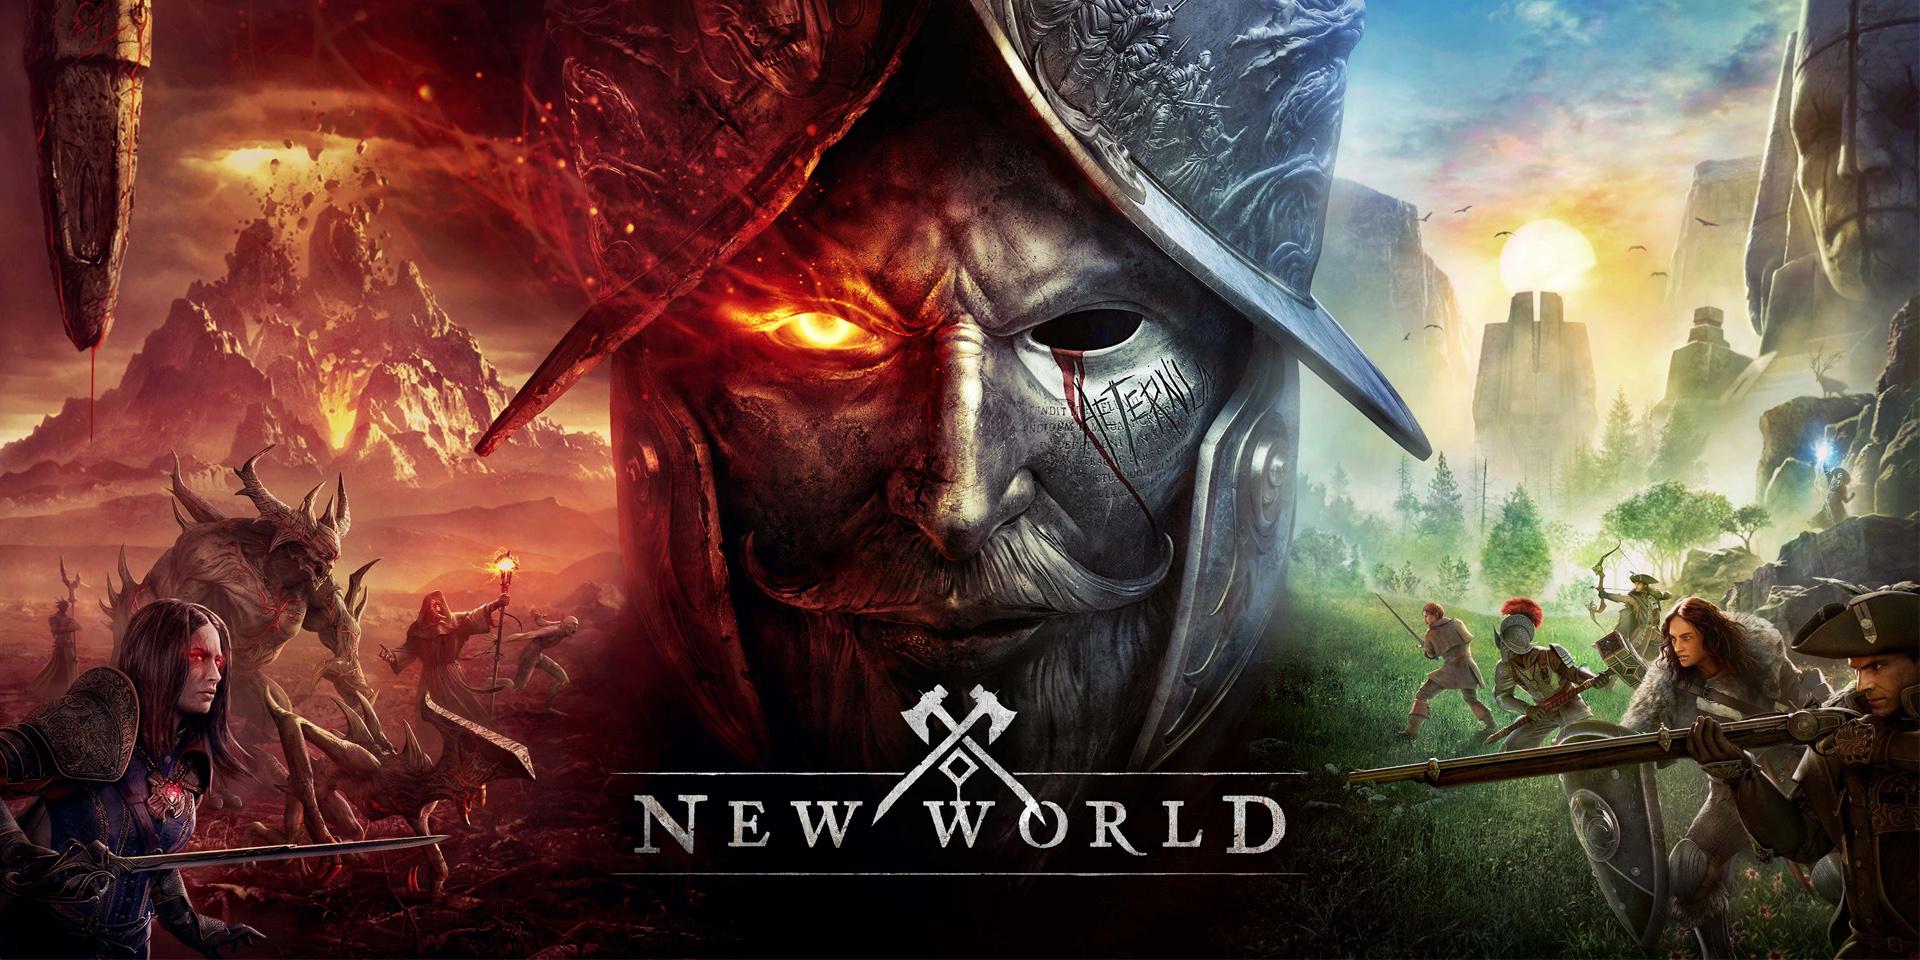 New World: Предрелизный вдох